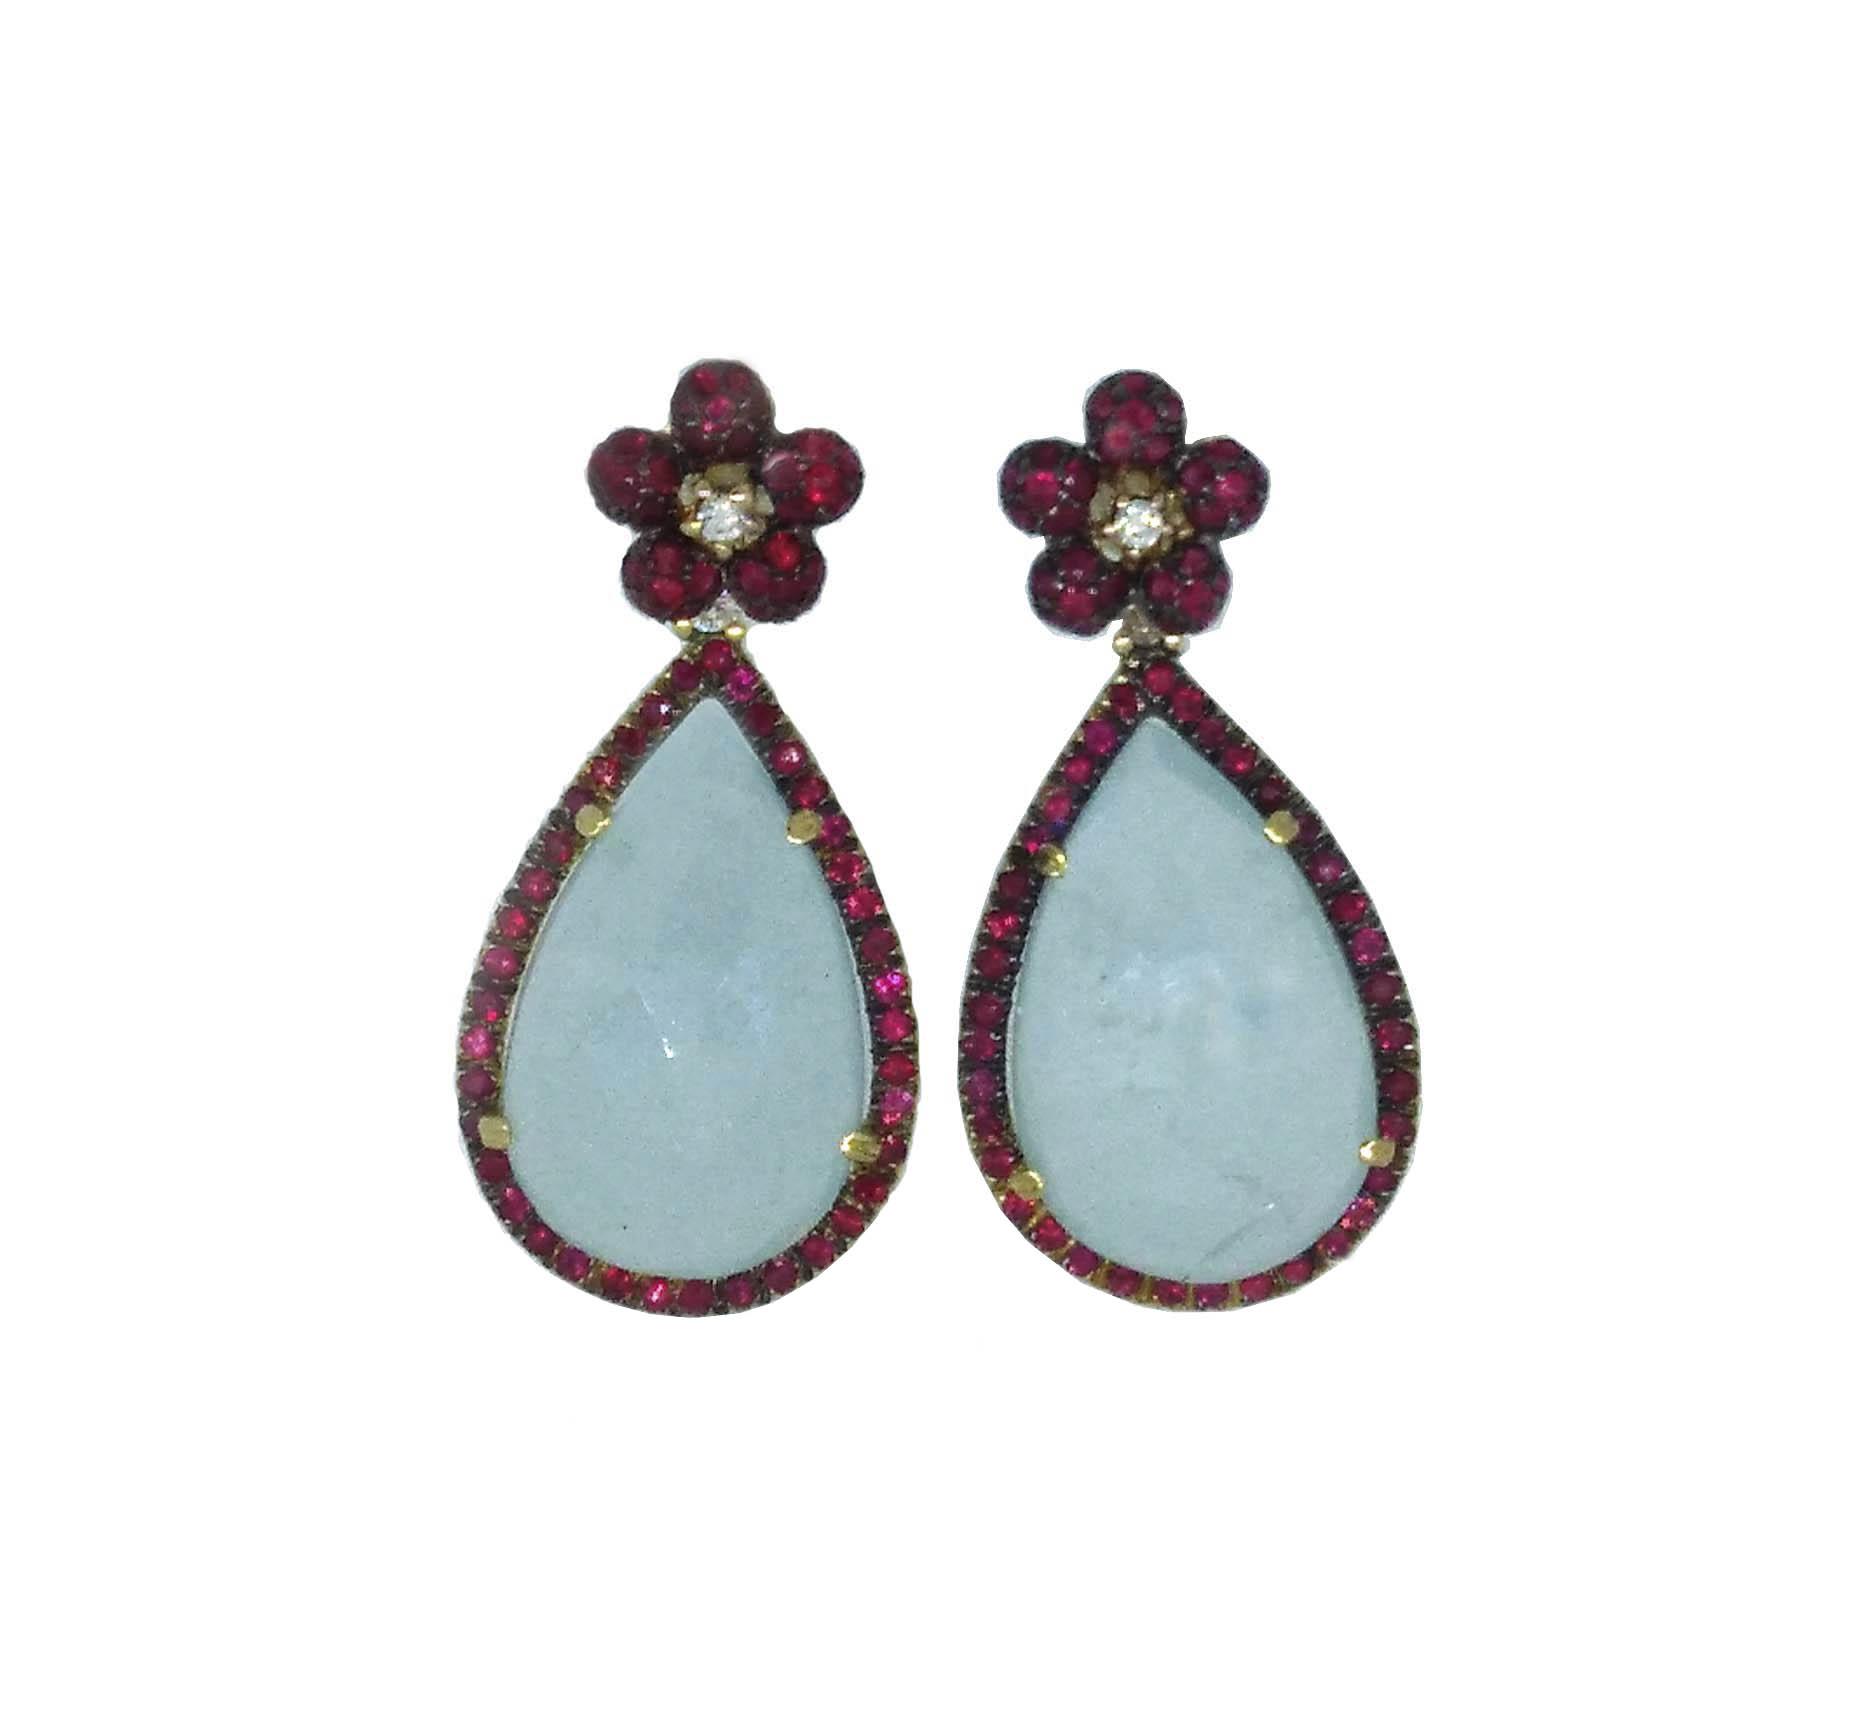 pendientes oro 18 Ktes con aguamarina, rubies y diamantes Jose Luis Jpyero Malaga